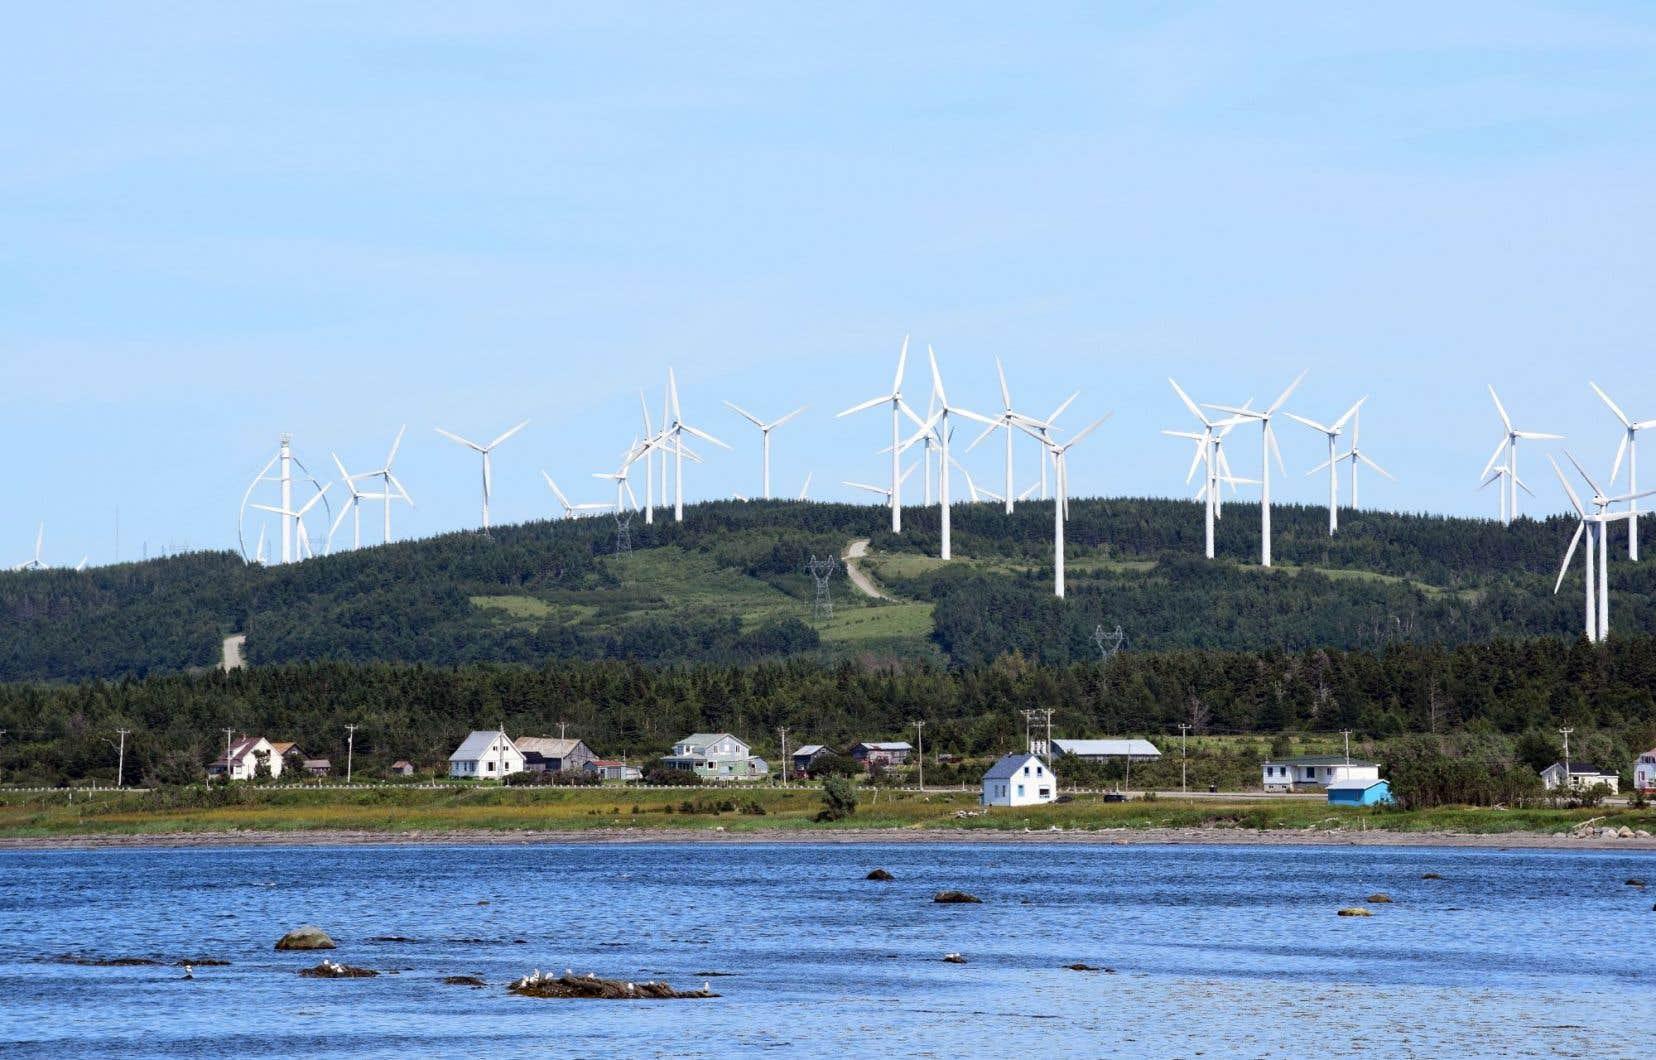 Les auteurs s'inspirent notamment des débats soulevés par l'installation d'éoliennes dans des milieux habités.